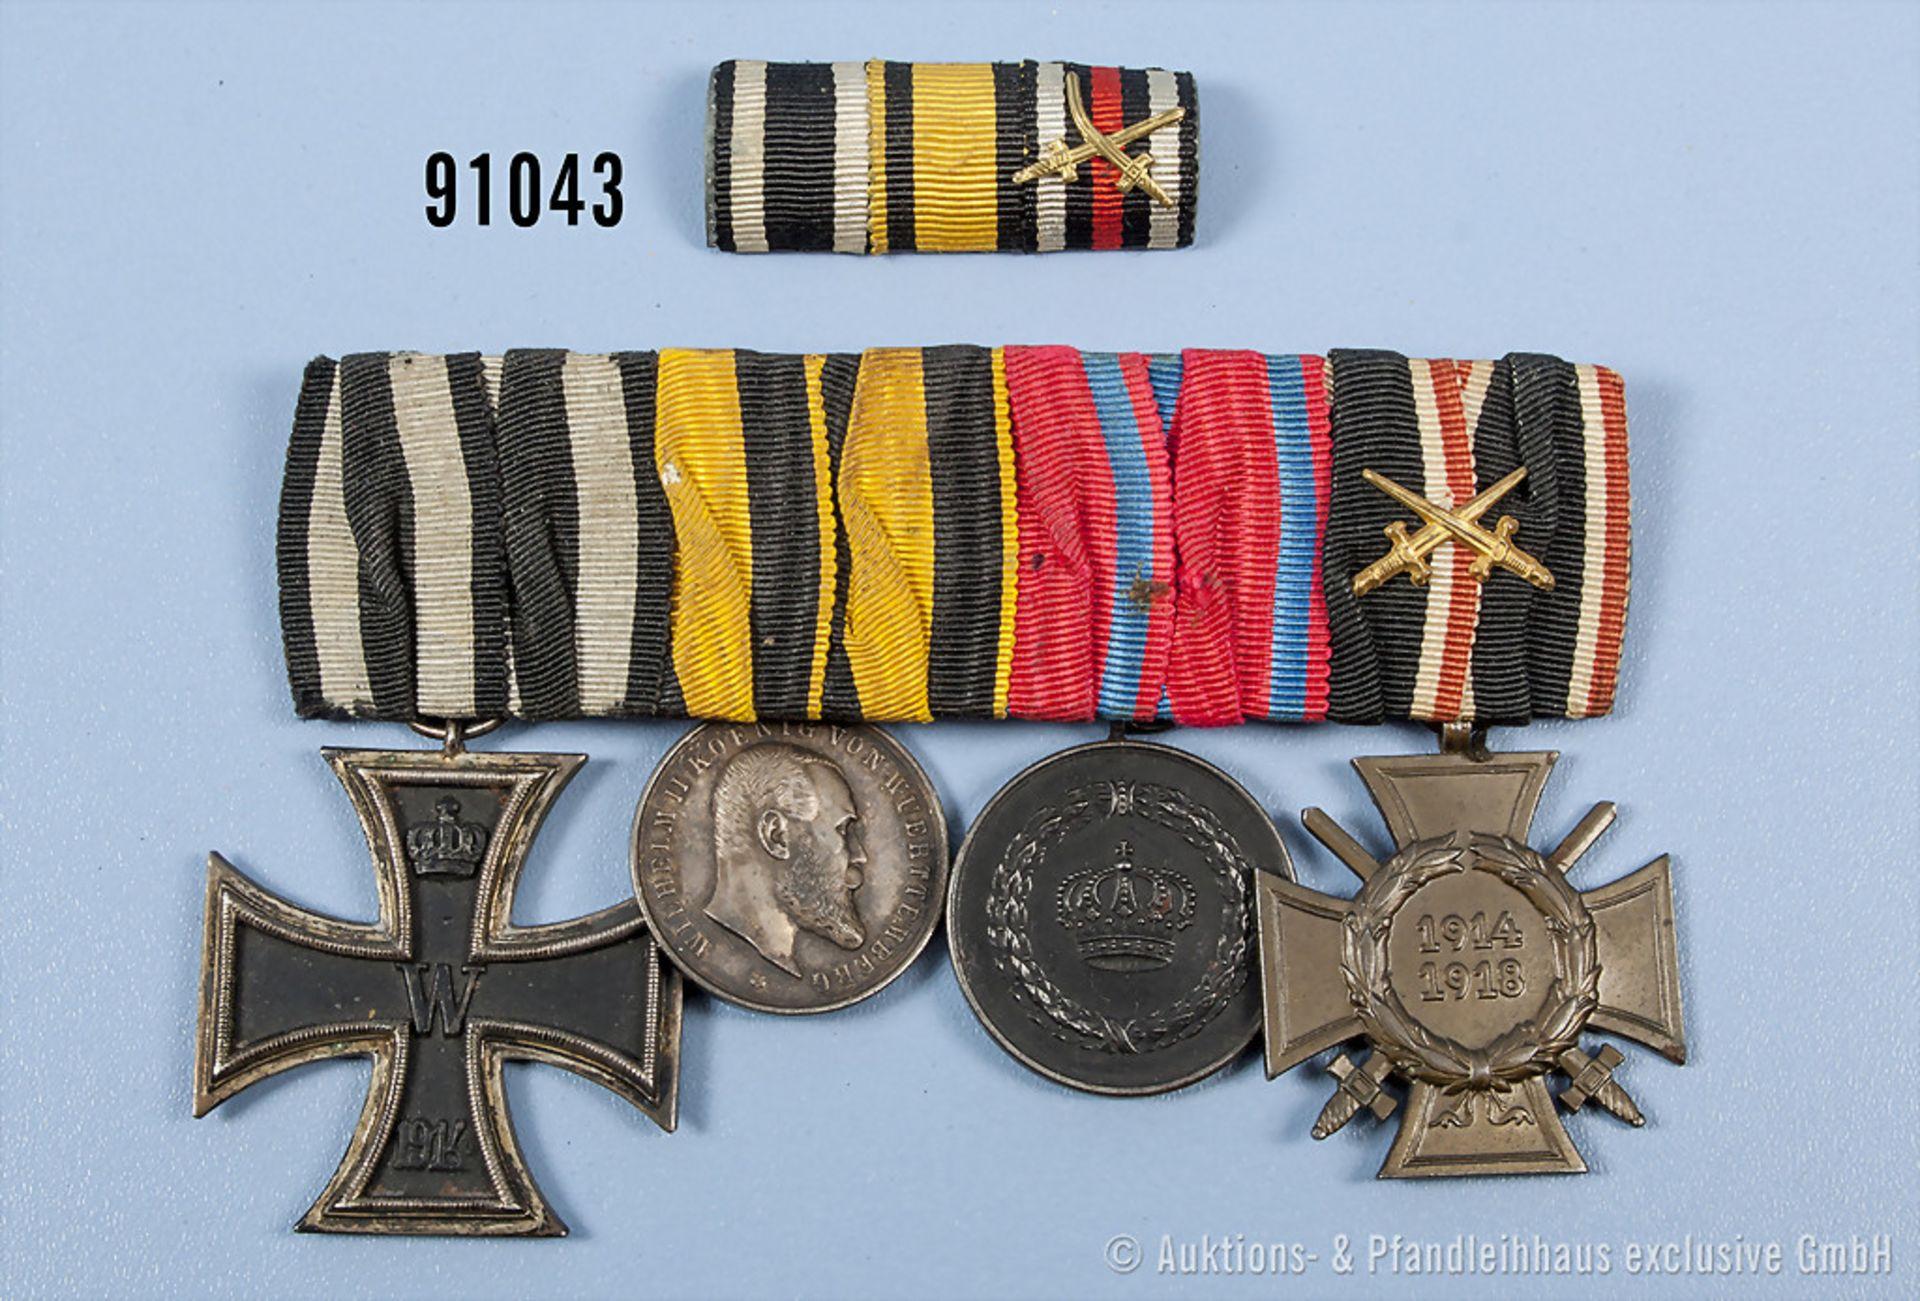 4er Ordensspange, EK 2 1914, Württemberg Tapferkeitsmedaille, Bandring ersetzt, Dienstauszeichnung